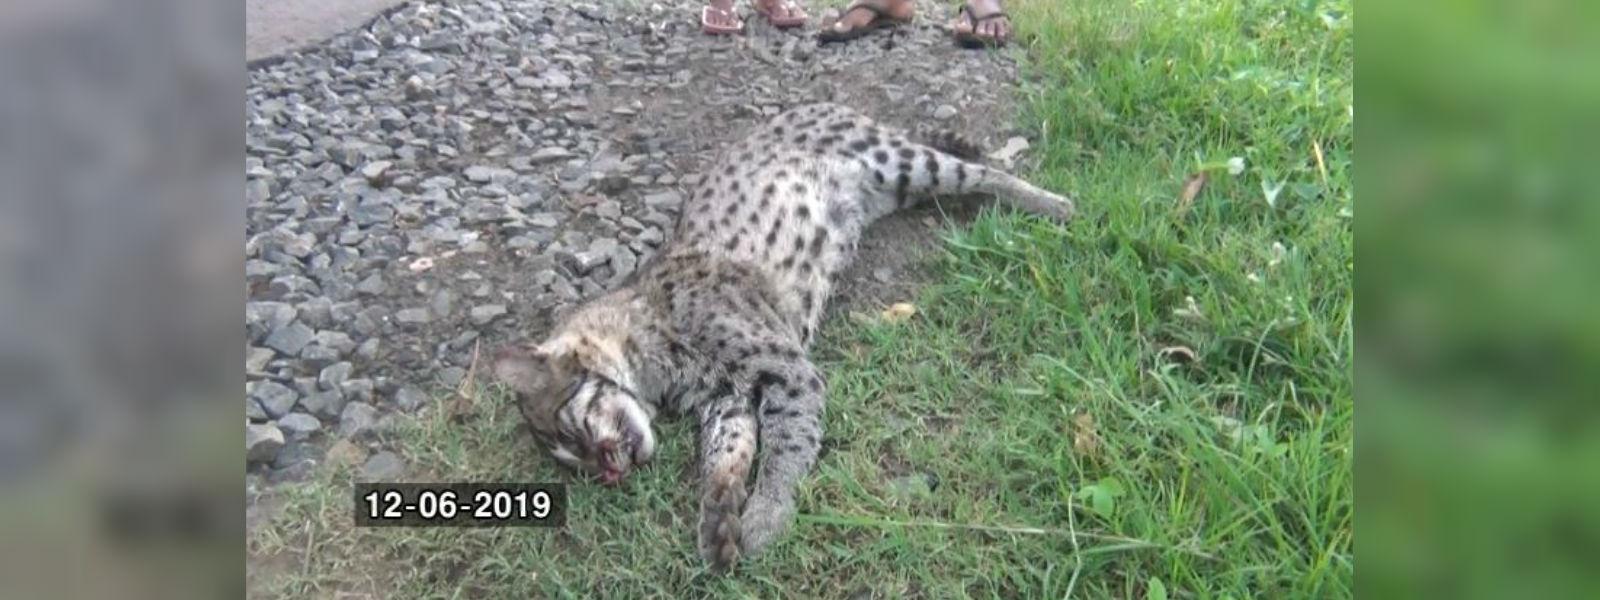 Fishing cat aka Handun Diviya run over in Hambantota